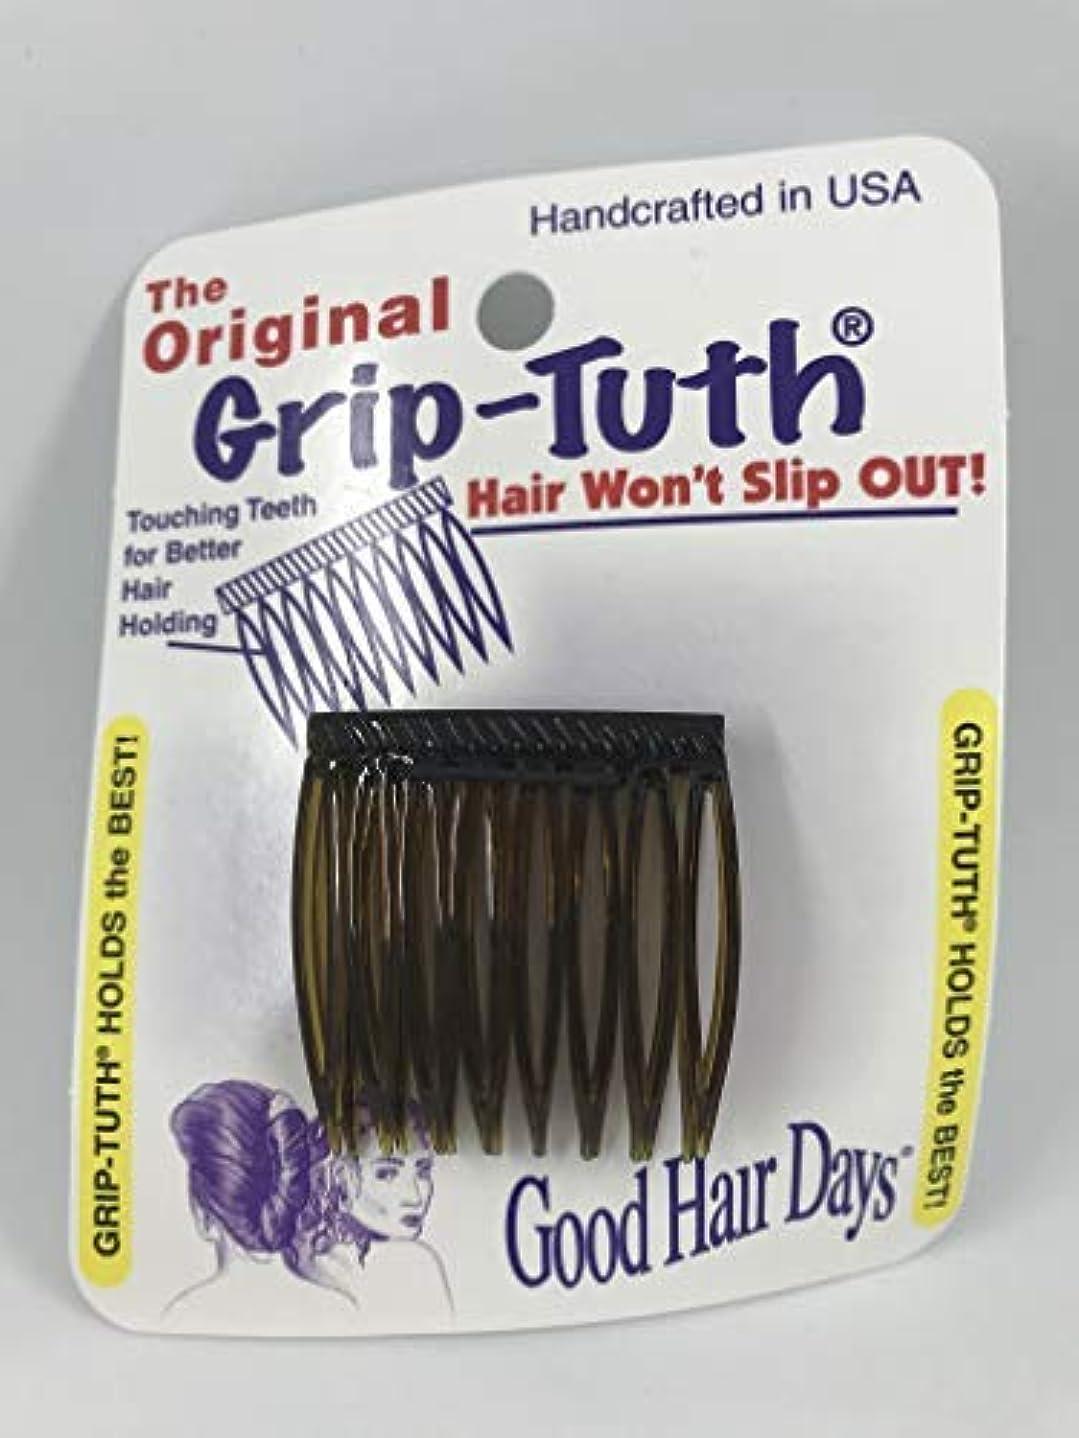 瞳筋株式会社Good Hair Days Grip Tuth Hair Combs 40073 Set of 2, Shell 1 1/2